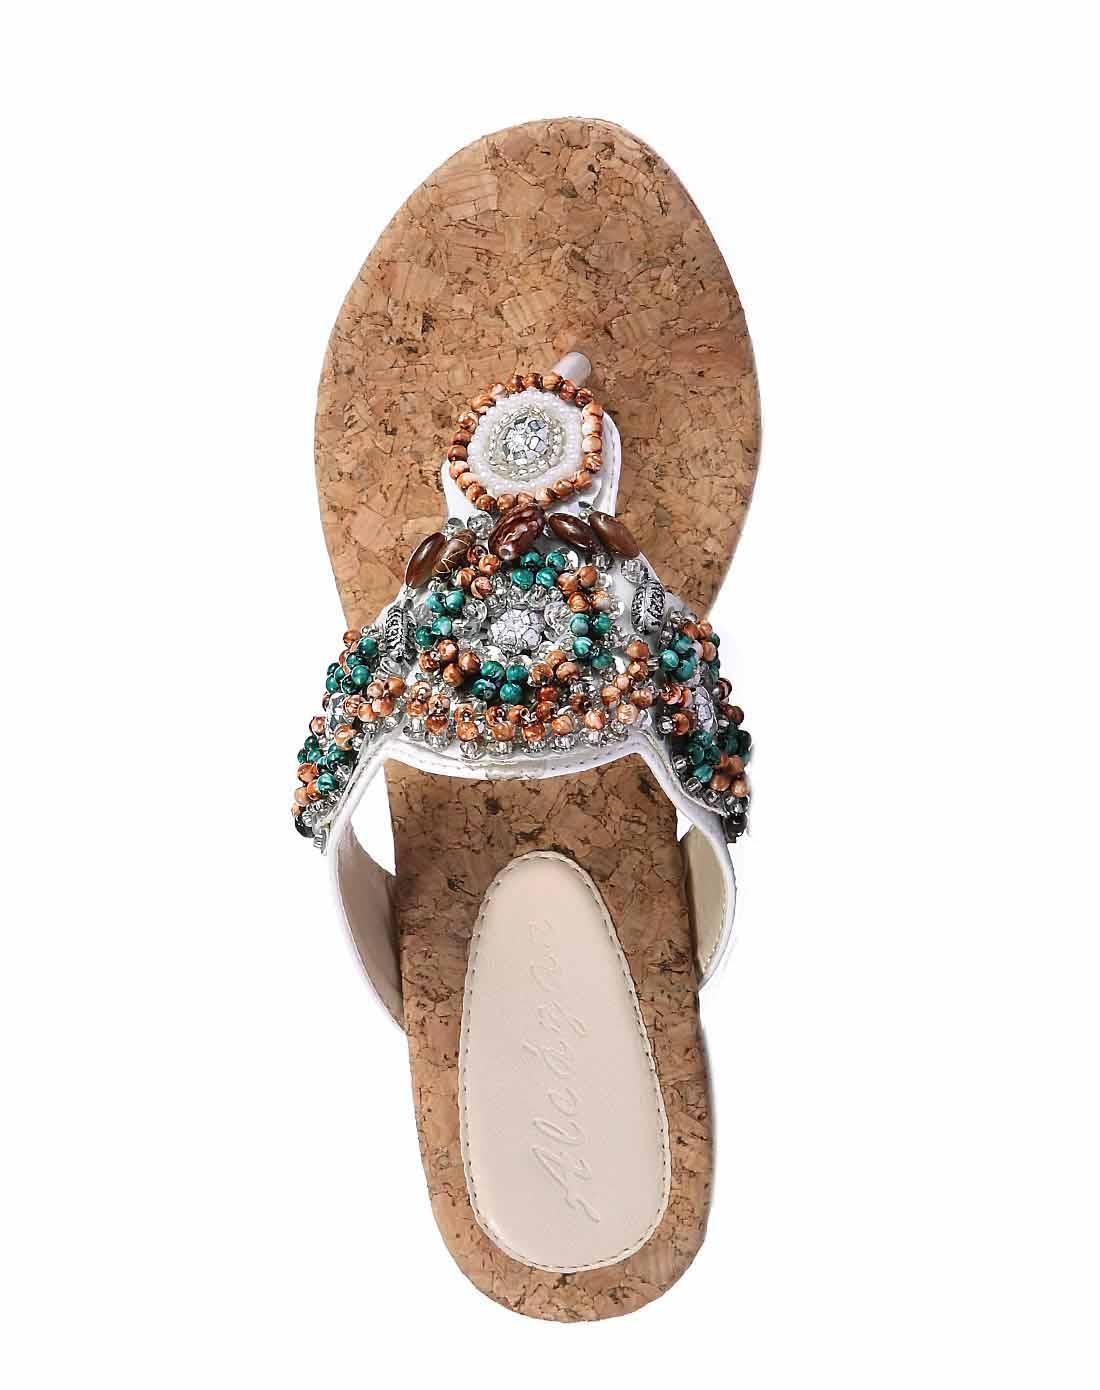 阿卡莎alcazar女款白色串珠软木纹坡跟夹脚鞋凉鞋tb